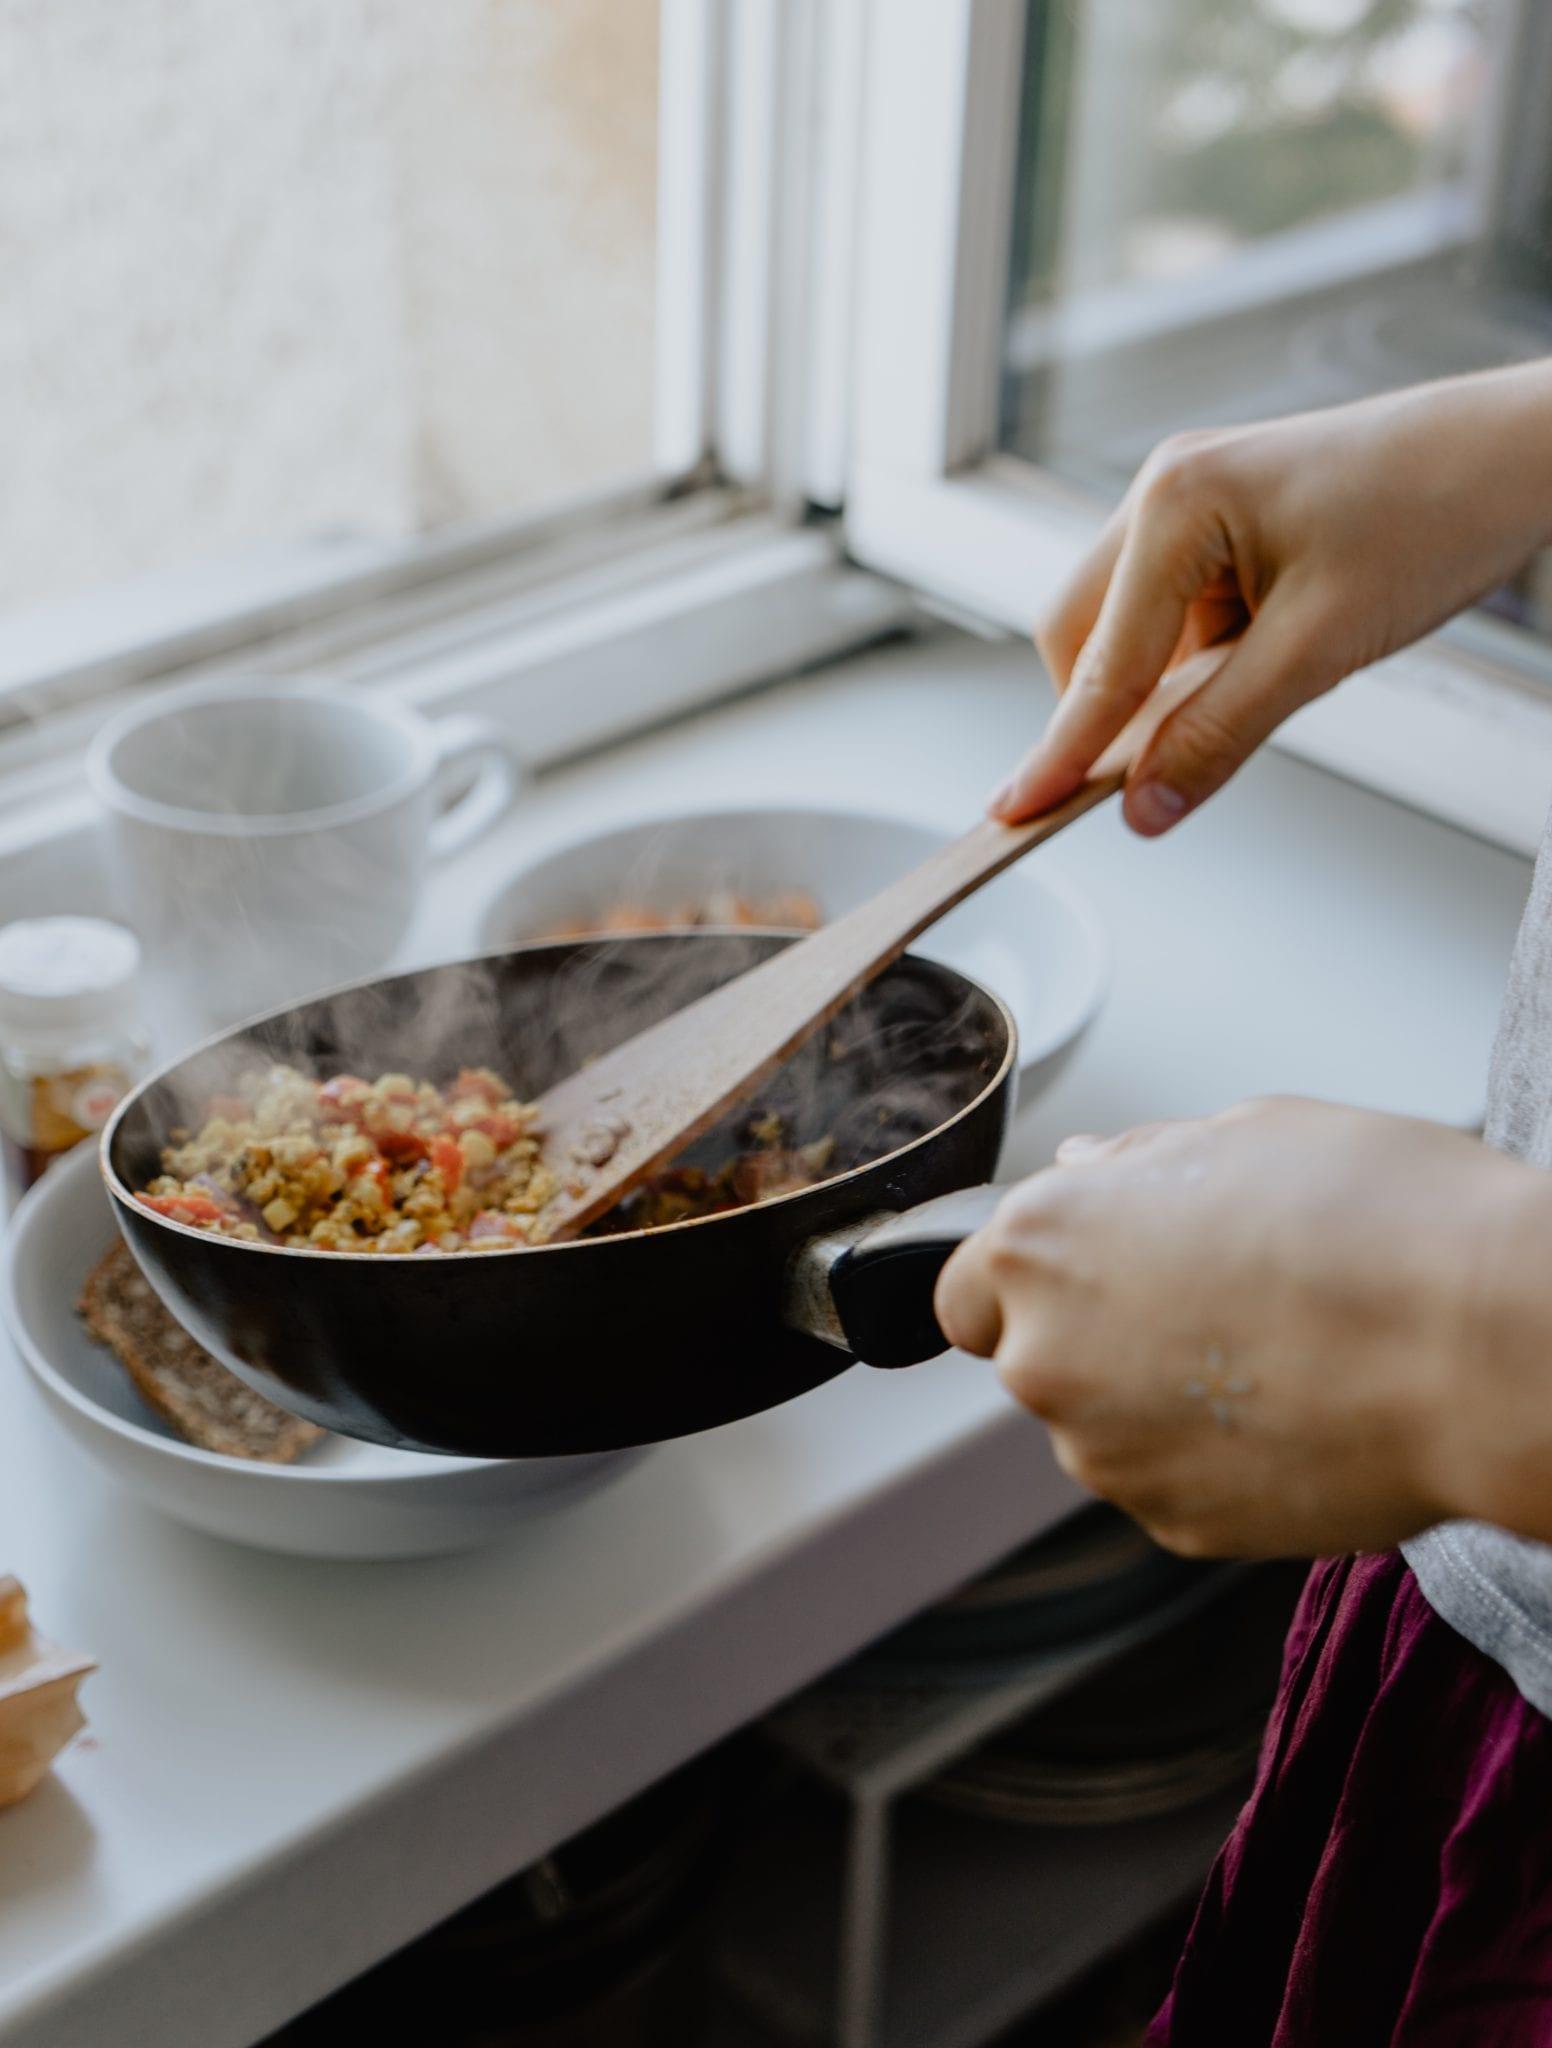 เมนูอาหารง่ายๆ ทำกินเอง เมนูอาหารง่ายๆ ของกิน วันนี้กินอะไรดี